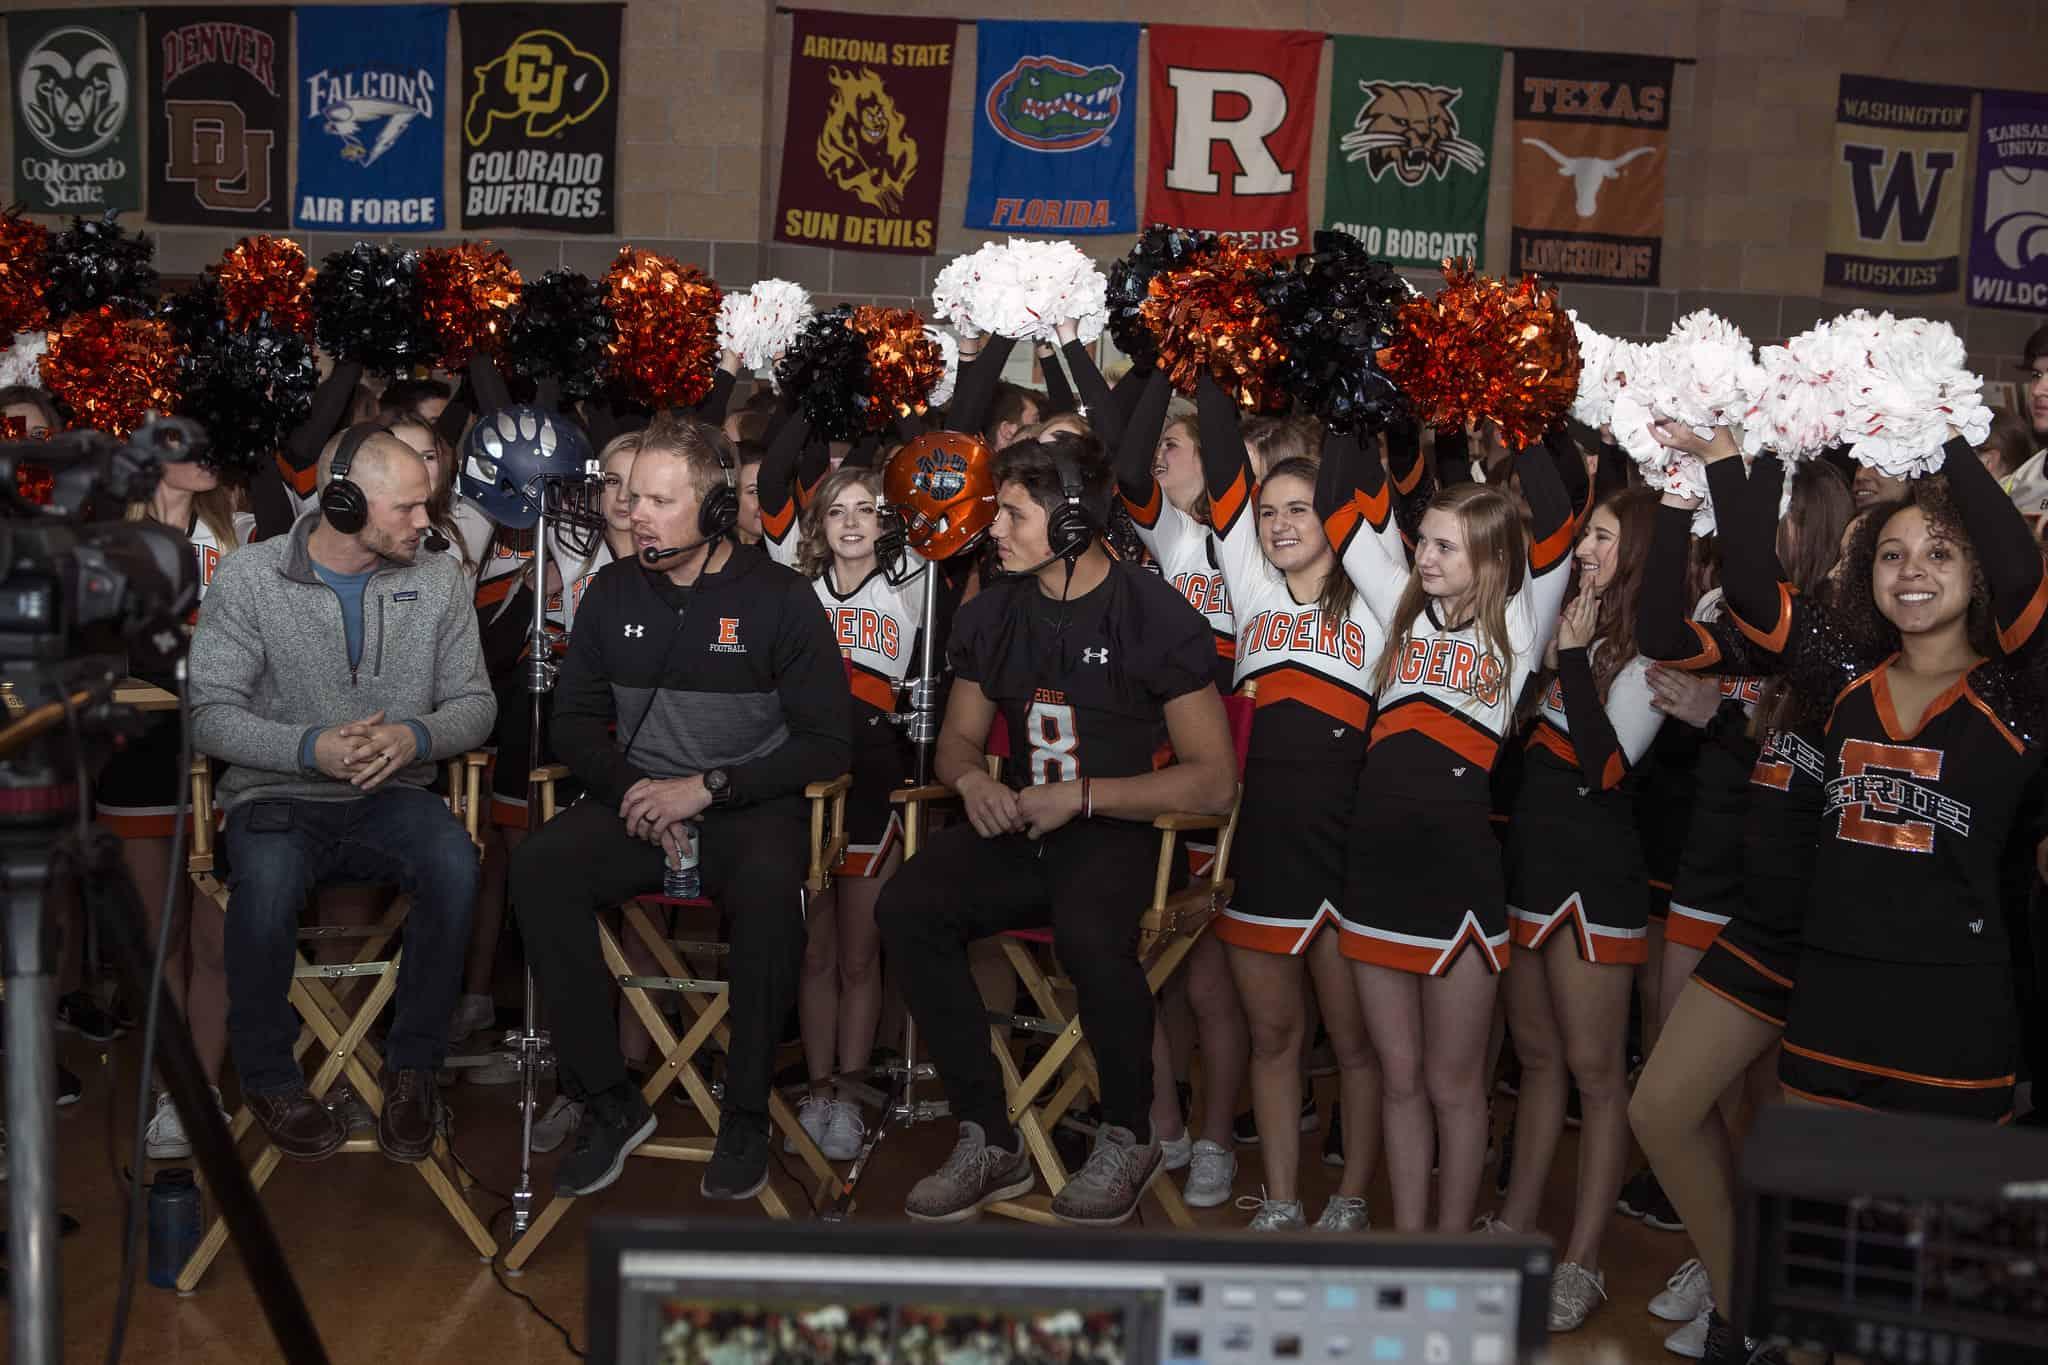 cheerleaders and athletes at a pep rally